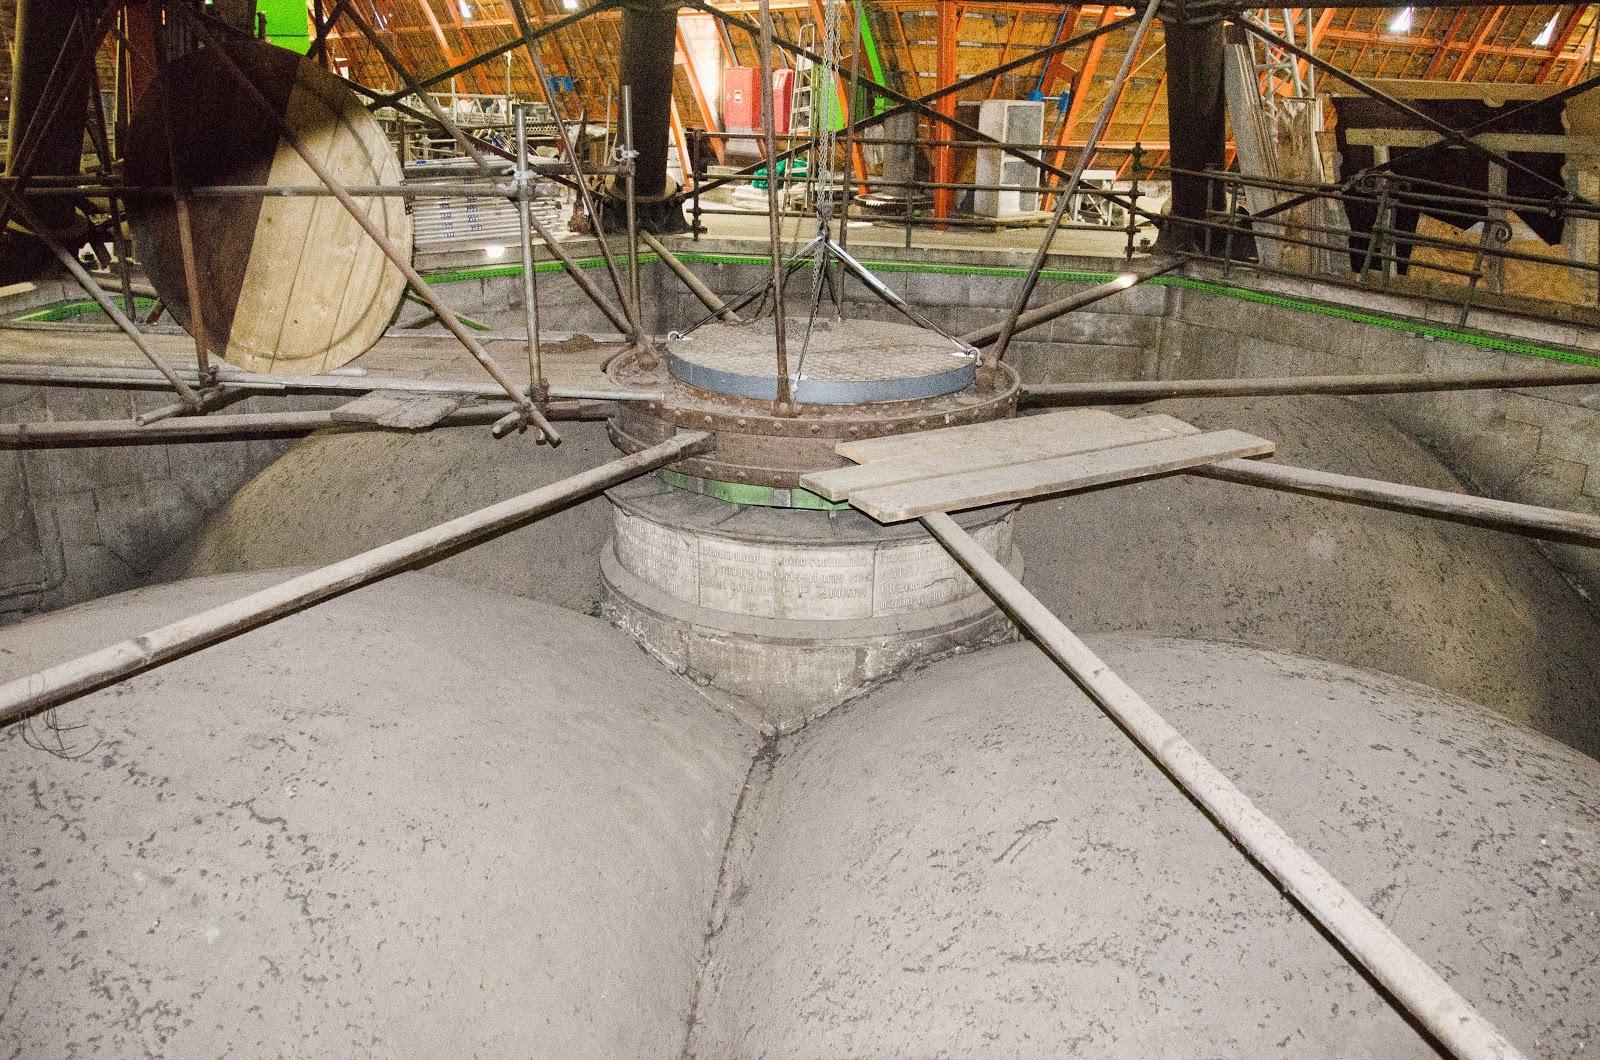 Berliner Baustellen 0473 Baustelle Sonderfuhrung Dach Kolner Dom